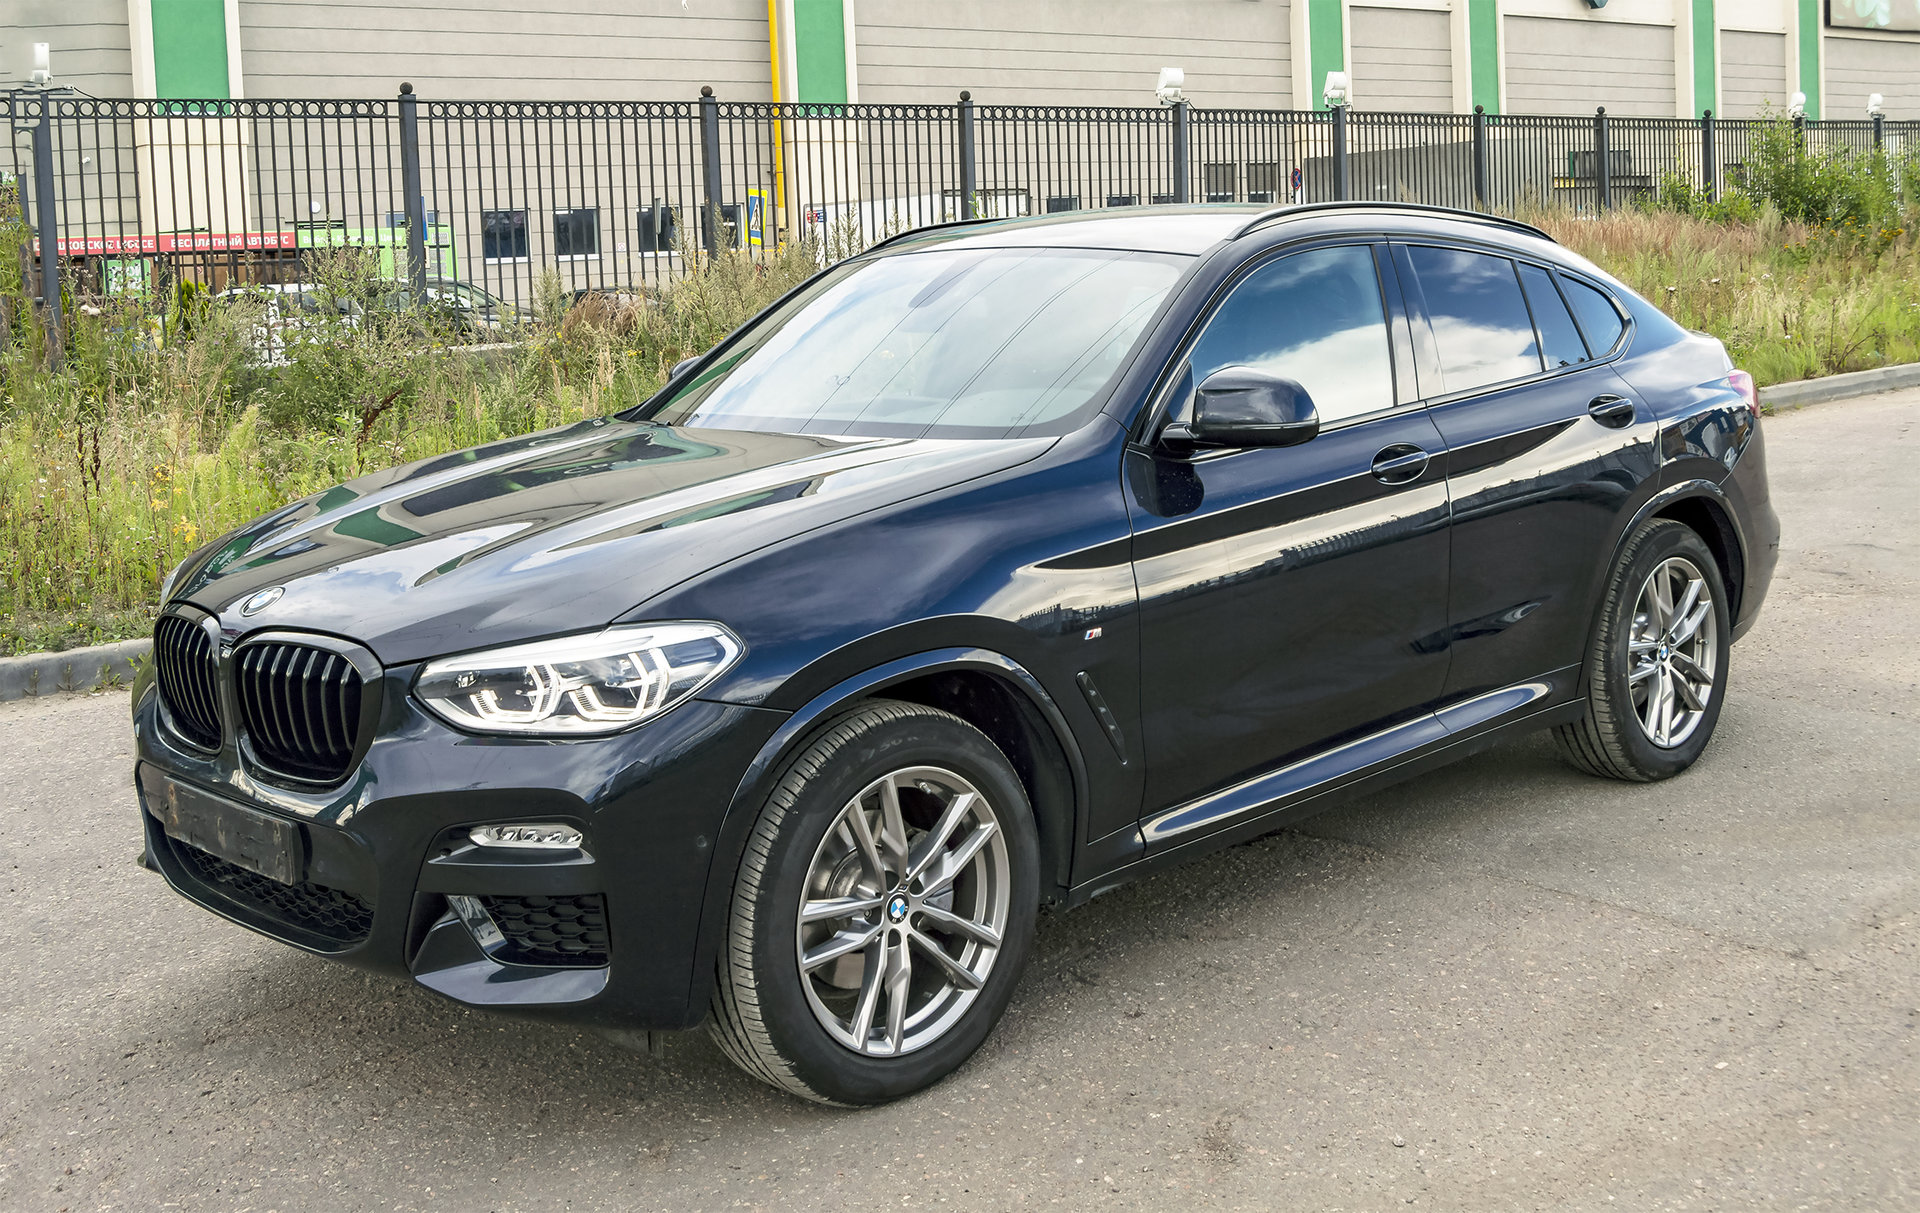 BMW X4 G02 с рейлингами.jpg